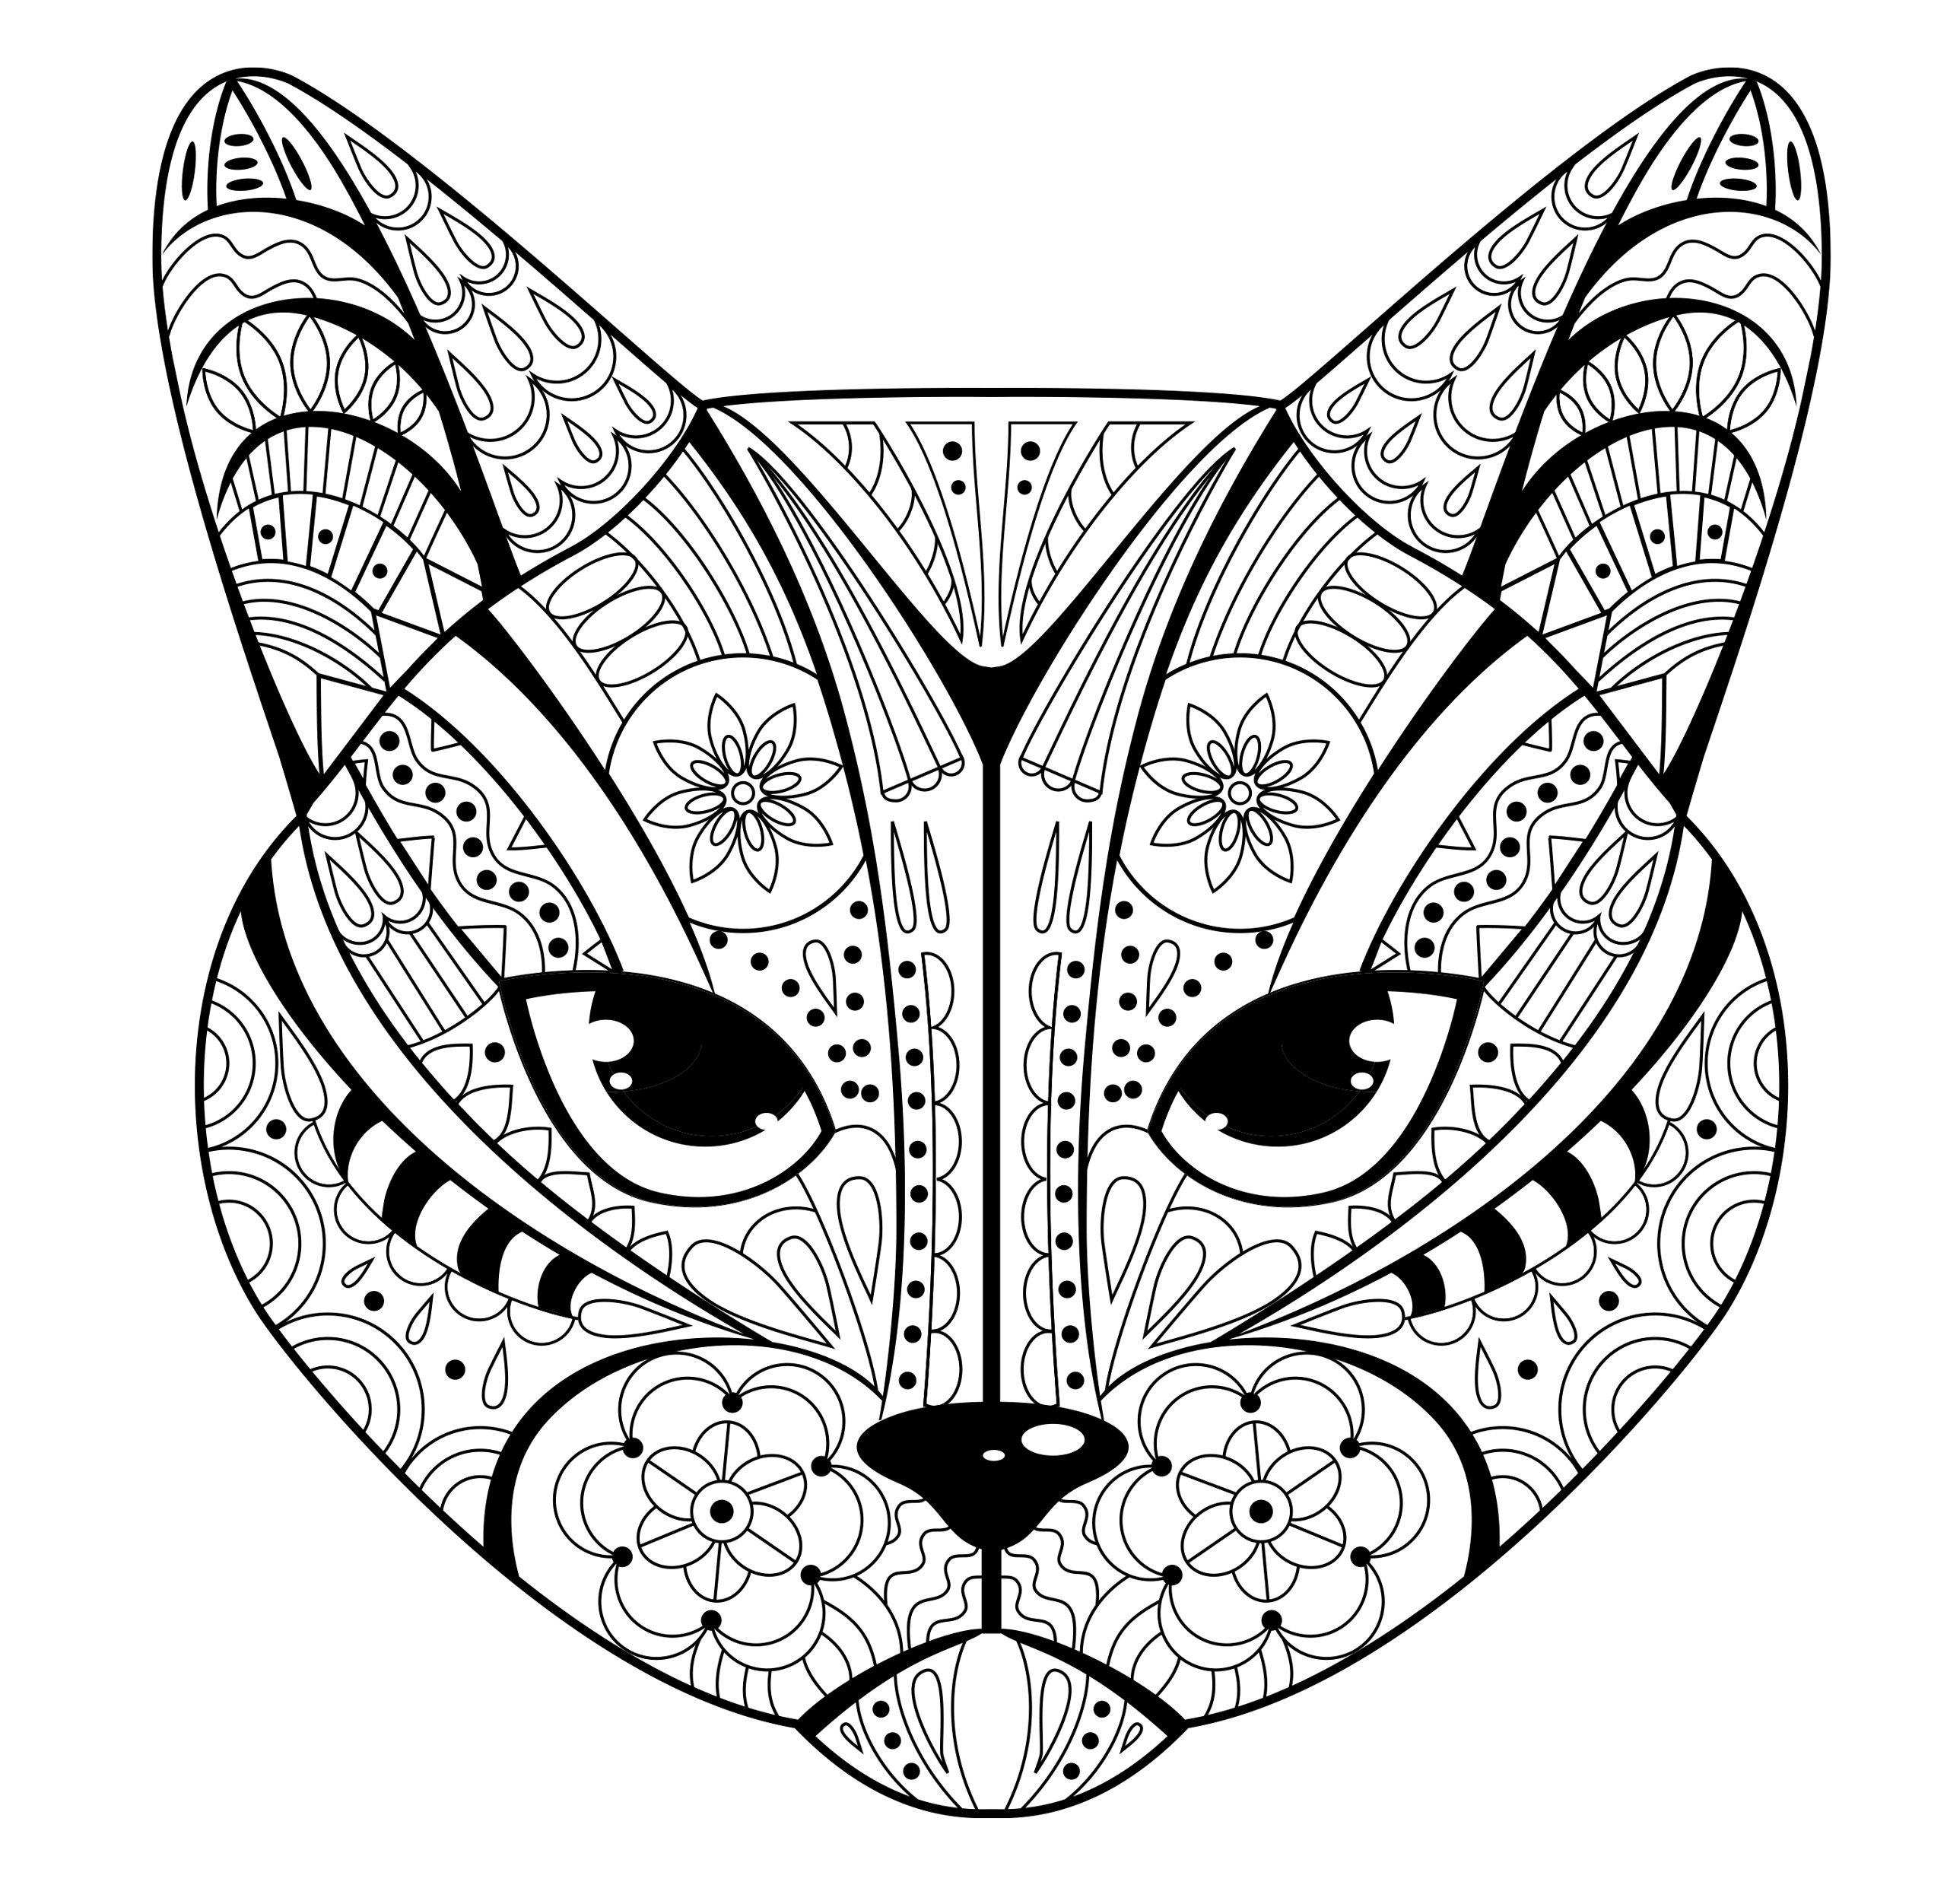 Морда кота с этническим рисунком - Животные - Раскраски ...